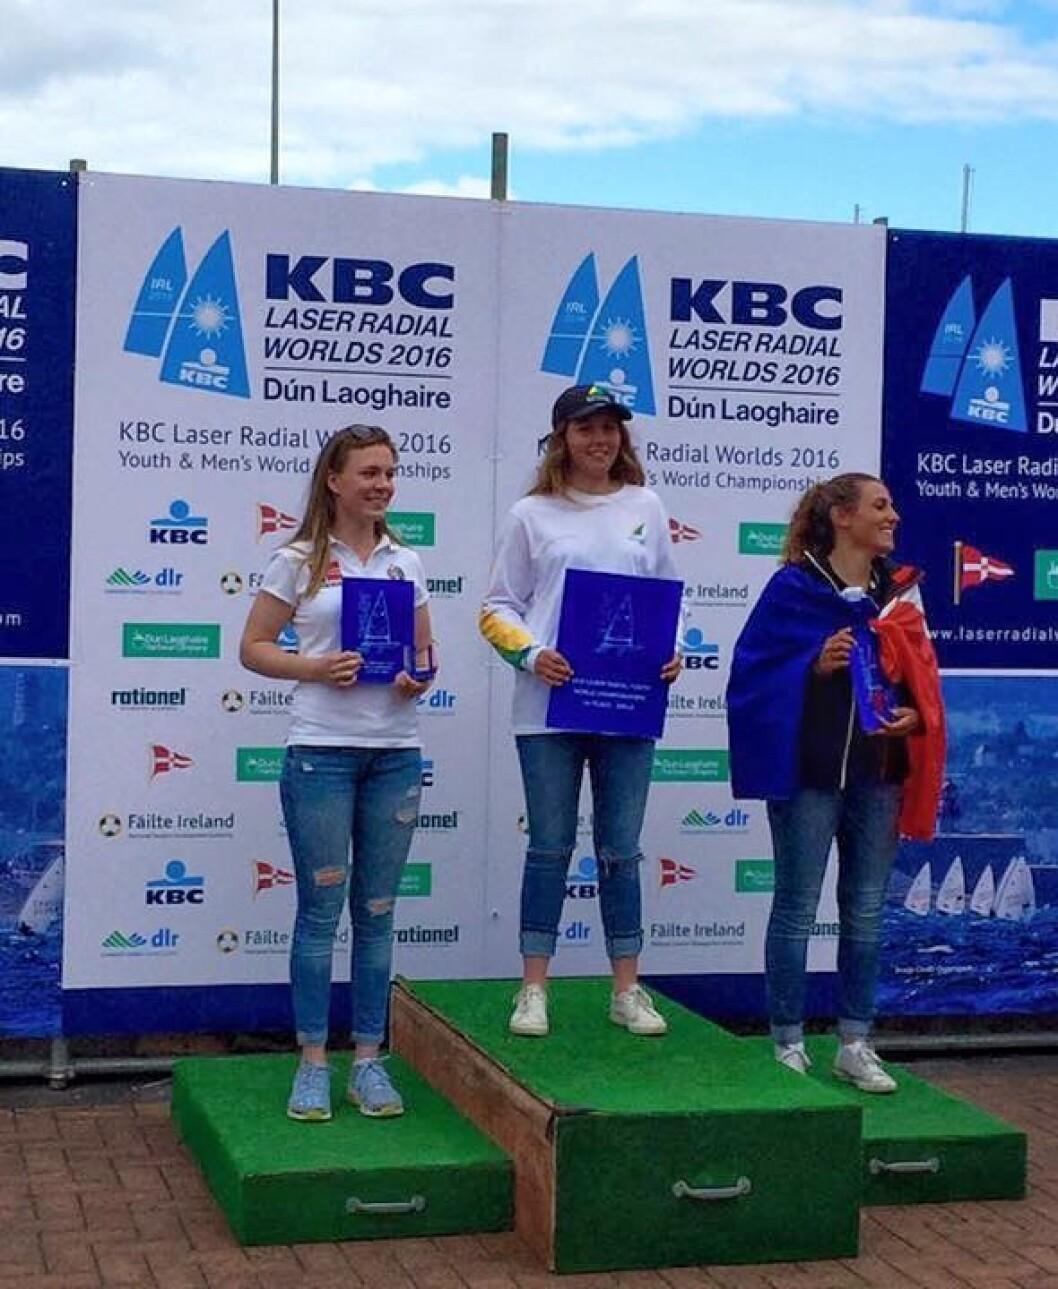 SØLV: Caroline Rosme (t.v.) tok sølv i ungdom-VM i Laser Radial. På toppen står Zoe Thomson fra Australia, mens Louise Cervera fra Frankrike tok bronse.